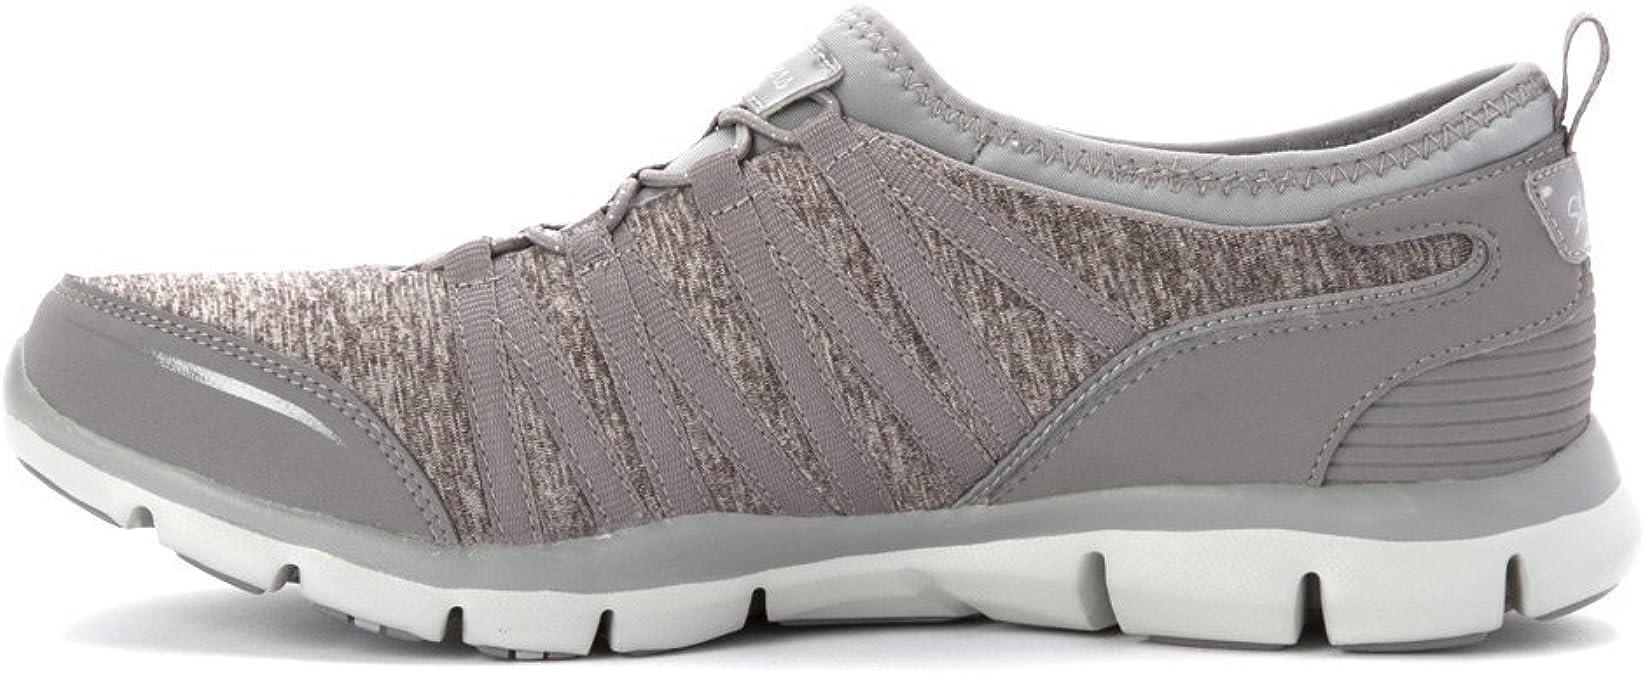 22602 Gray Pink Skechers Shoes Memory Foam Women Slip On